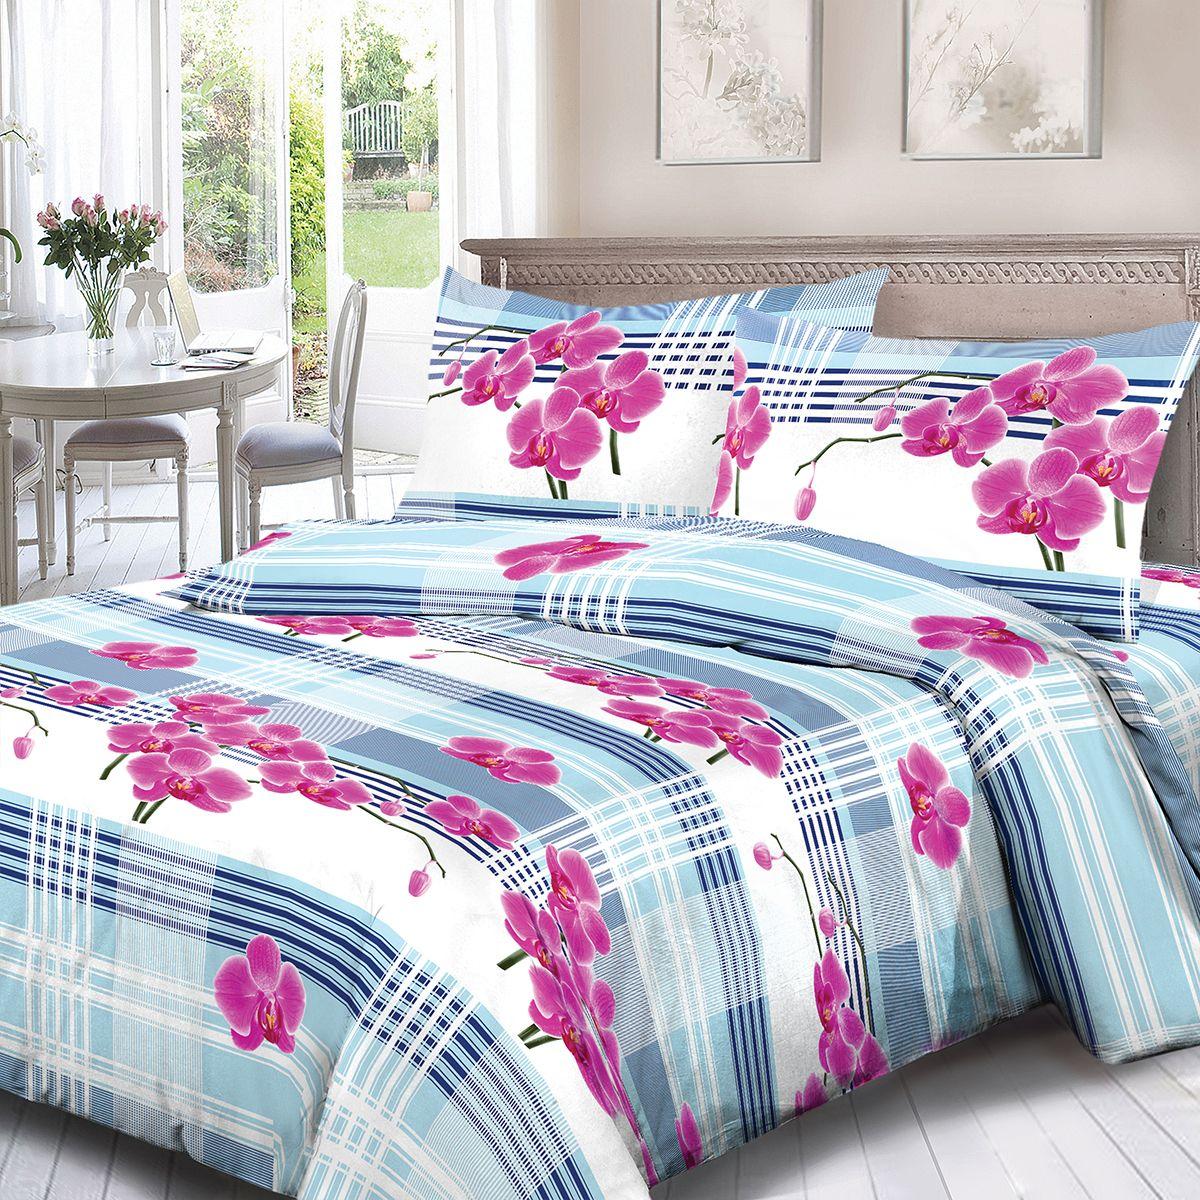 Комплект белья Для Снов Орхидея, семейный, наволочки 70x70, цвет: розовый. 3547-182006